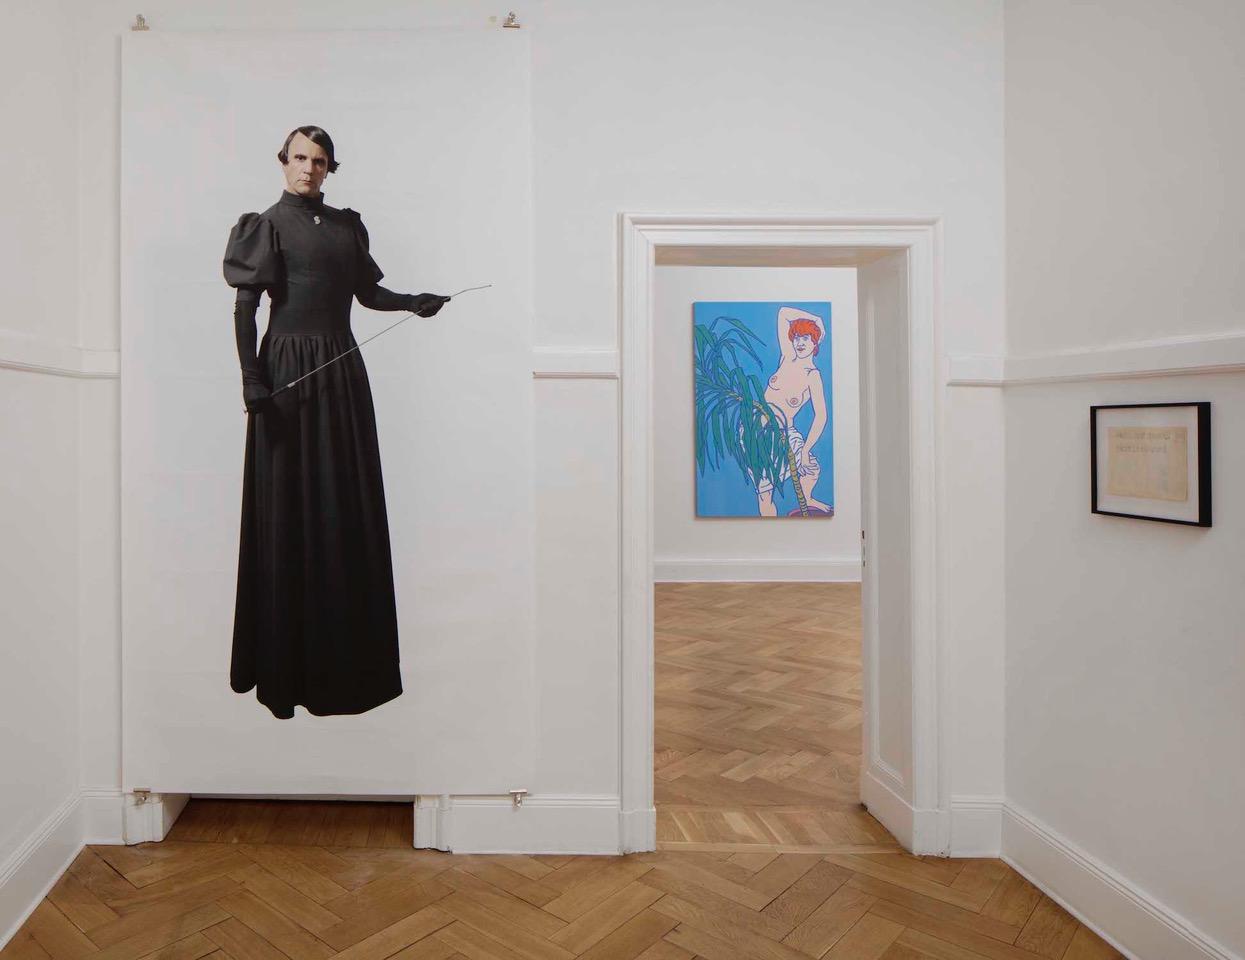 Eingangssituation in einer Berliner Altbauwohnung. Zu sehen ist der Künstler Björn Melhus als Ayn Rand. Im Hintergrund ein Bild von Otto Muehl mit einer Nacktdarstellung einer Frau.